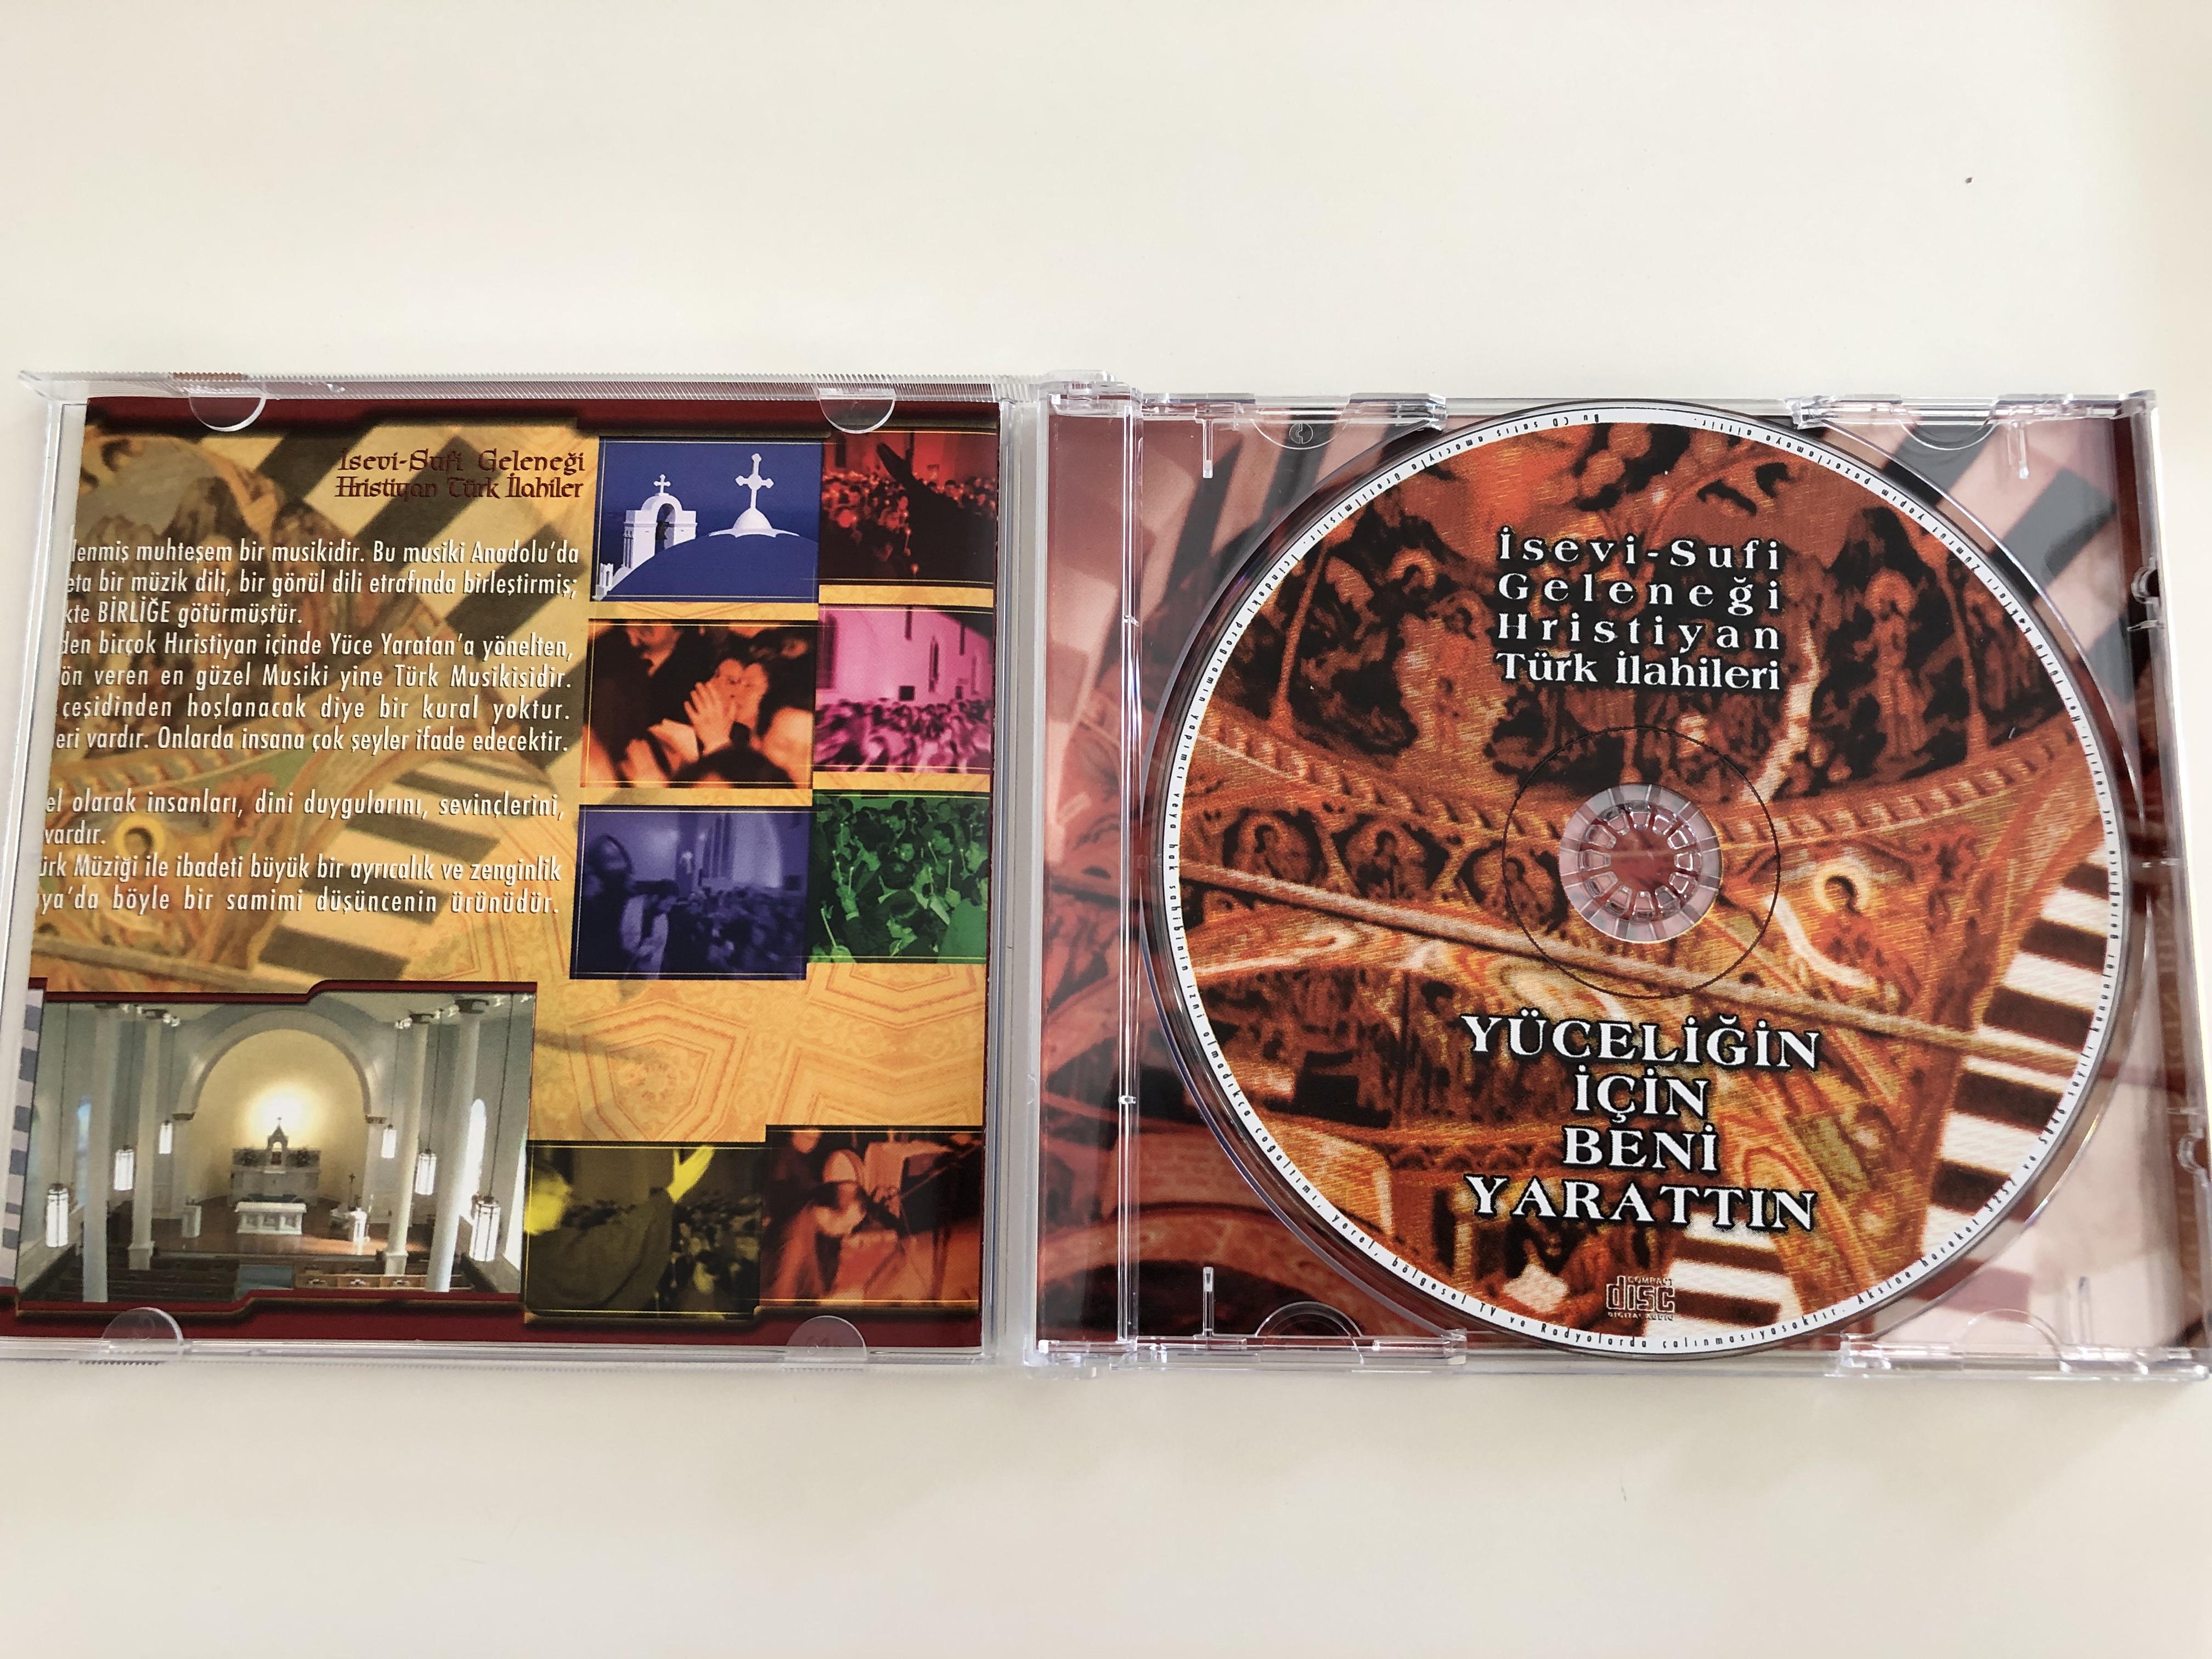 isevi-sufi-gelene-i-hristiyan-t-rk-ilahileri-turkish-christian-praise-and-worship-songs-cd-1-y-celi-in-icin-beni-yarattin-audio-cd-5-.jpg